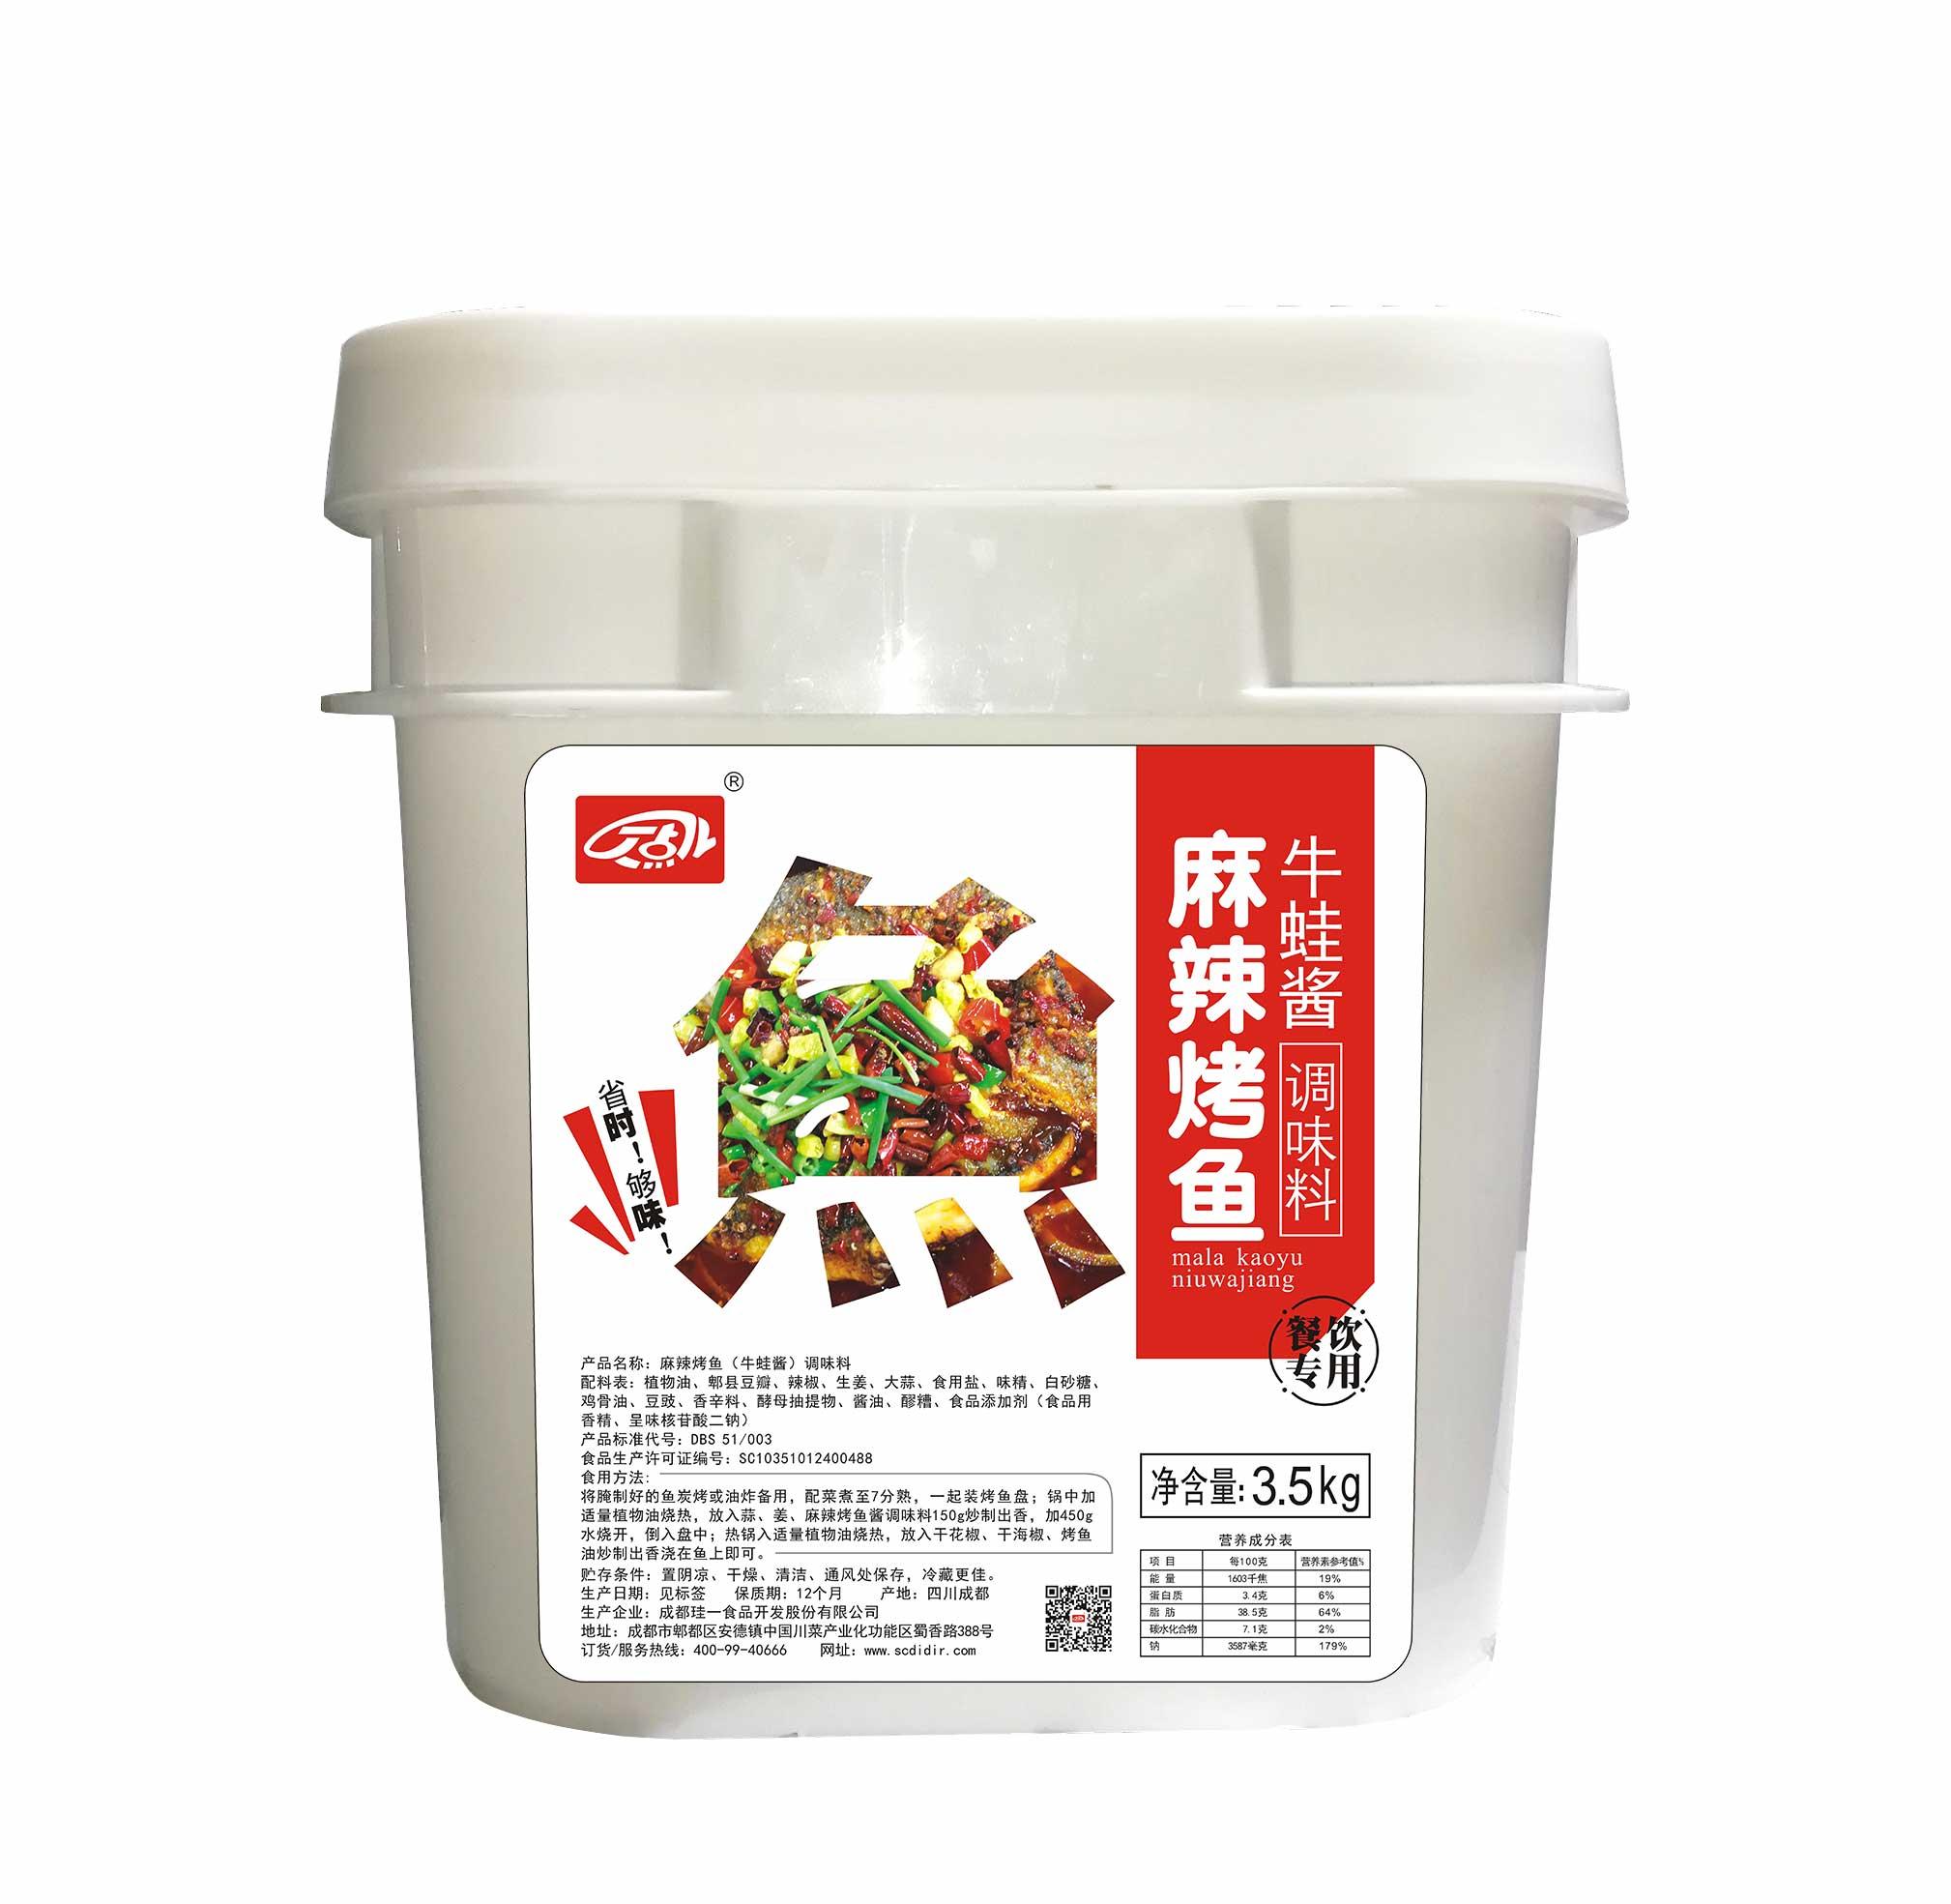 烤鱼调味品批发|声誉好的丁点儿麻辣烤鱼酱调味料供应商